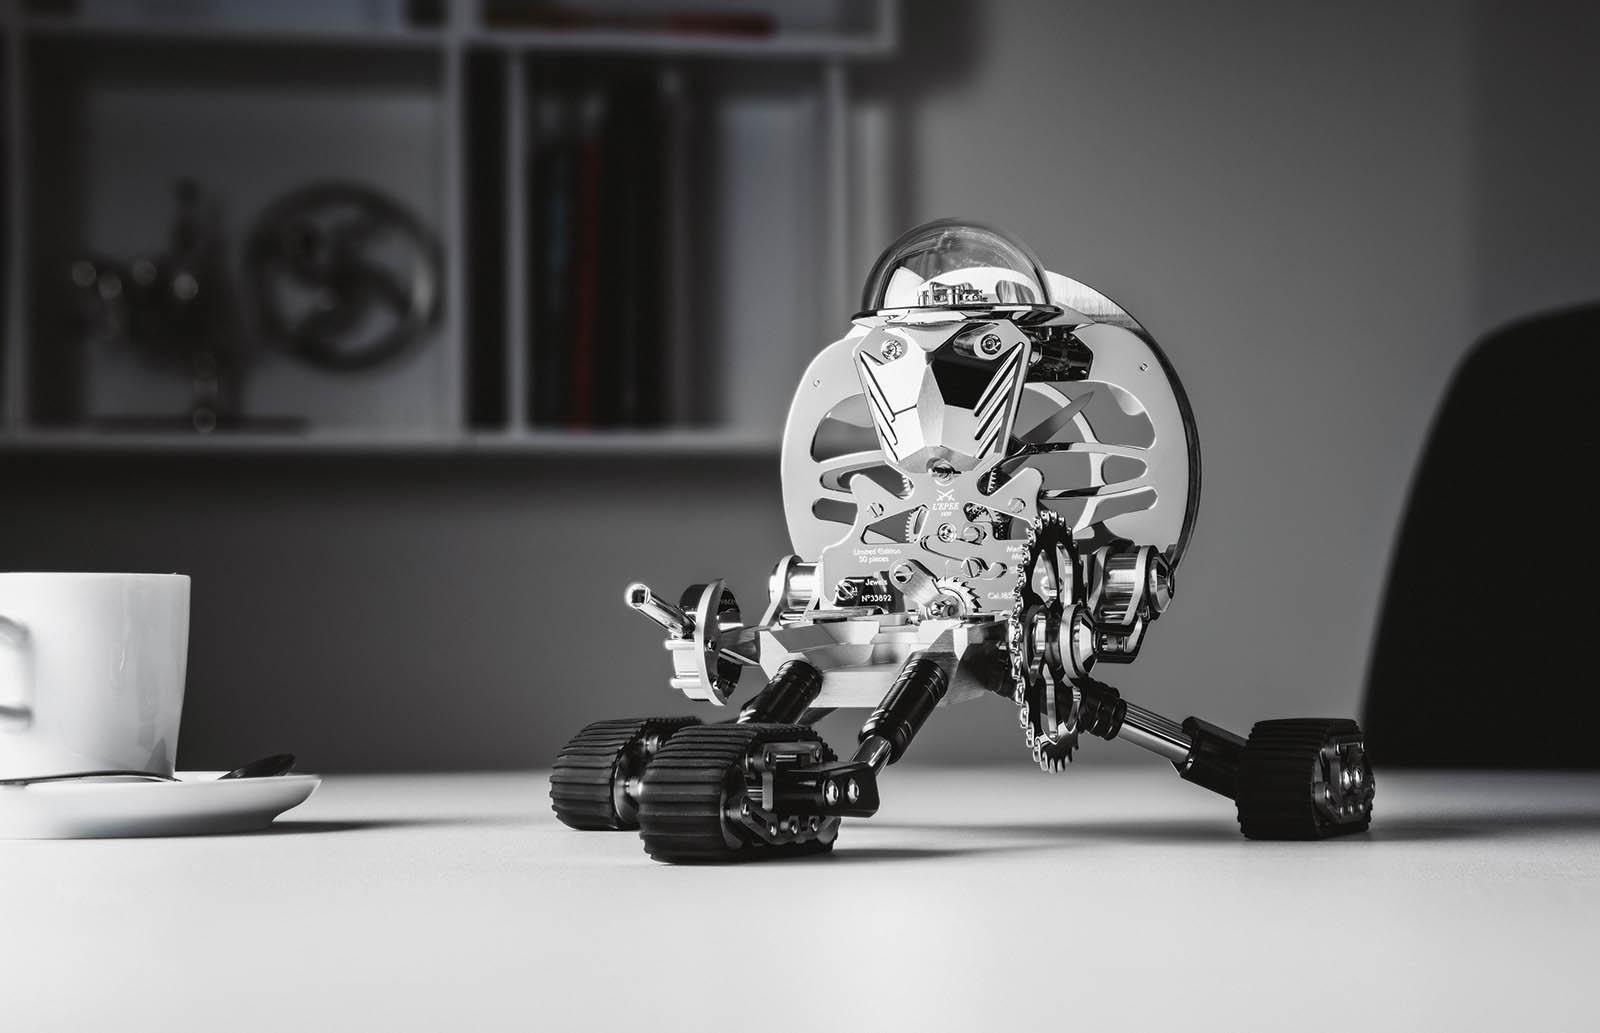 MB&F Grant Robot